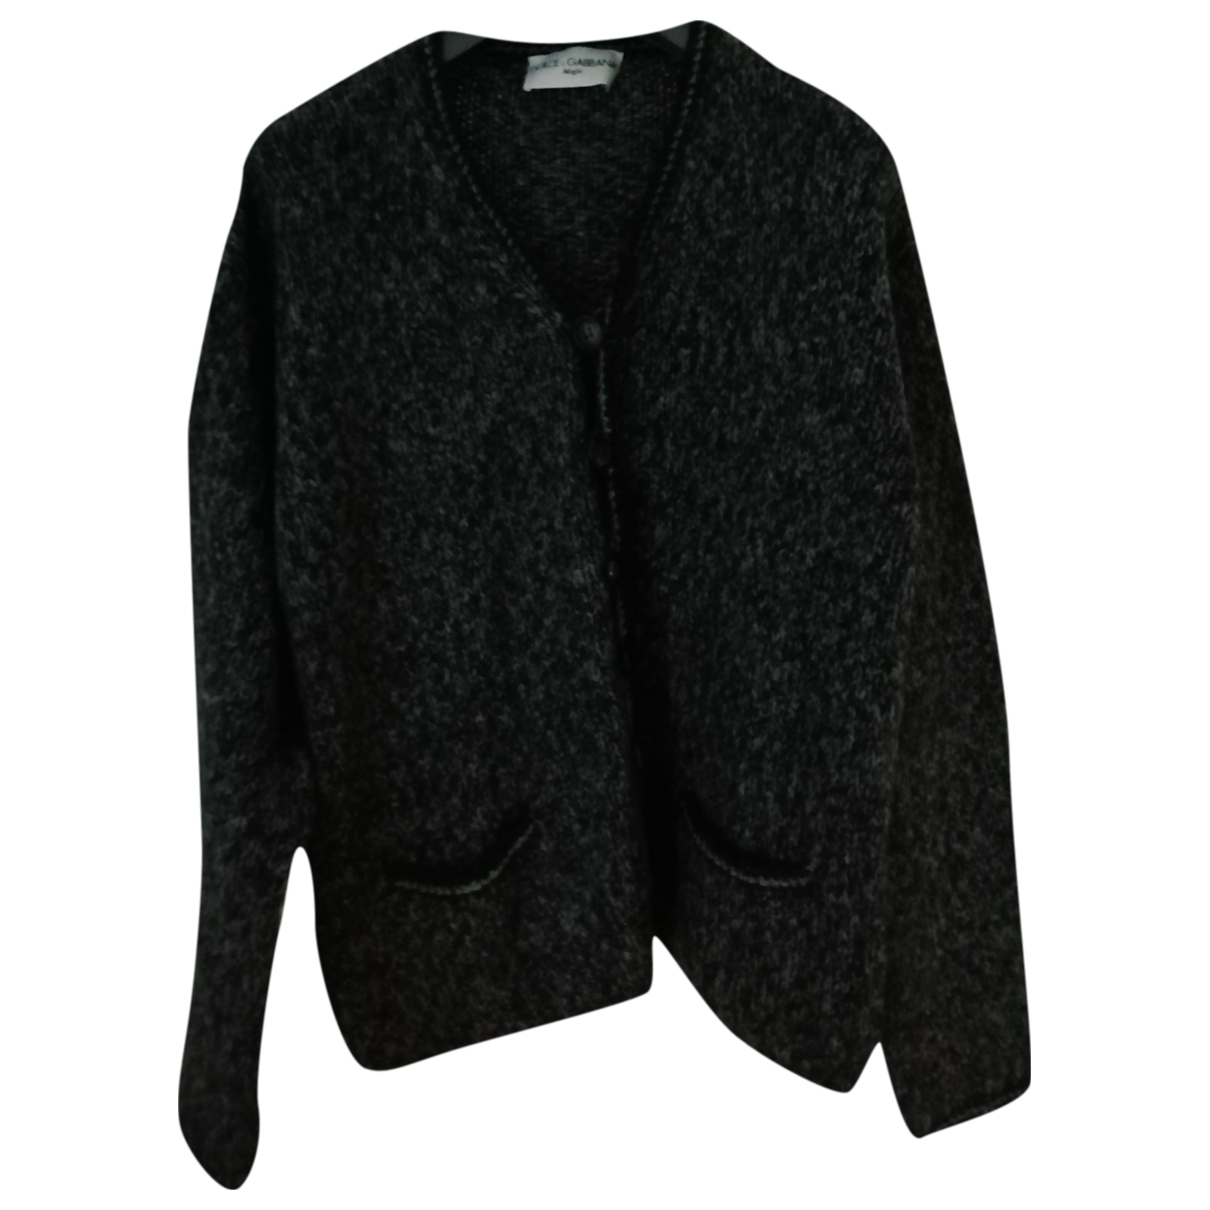 Dolce & Gabbana N Wool Knitwear & Sweatshirts for Men 52 IT